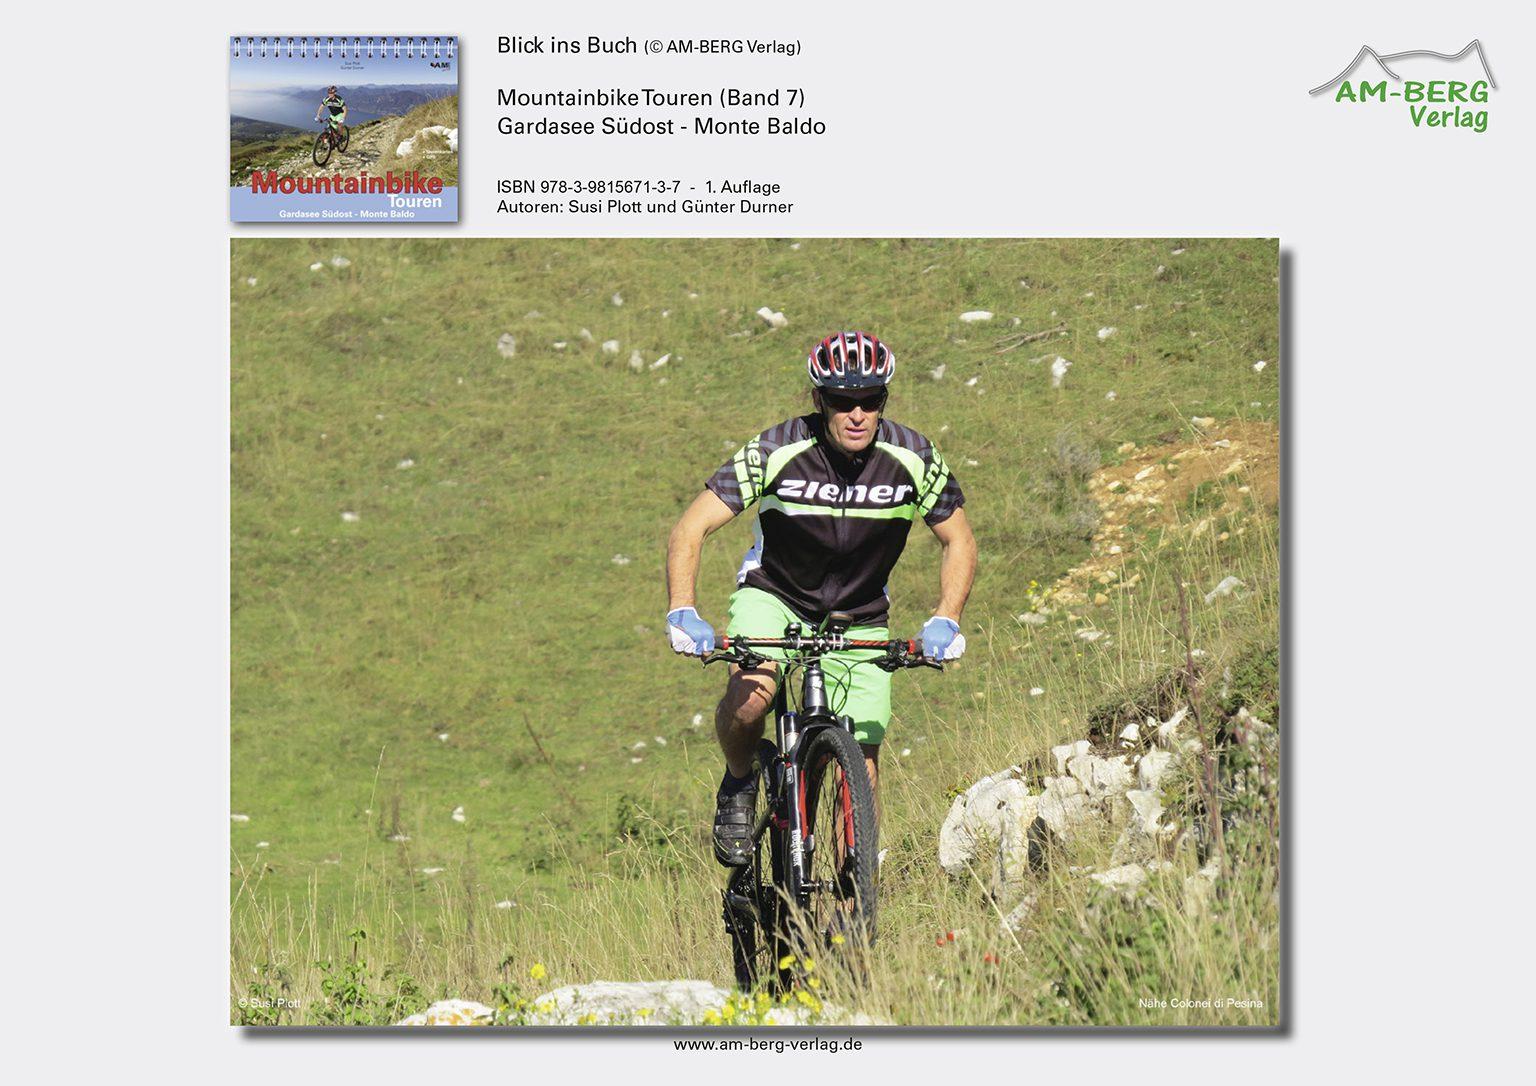 Mountainbike Touren Gardasee Südost - Monte Baldo_BlickinsBuch11